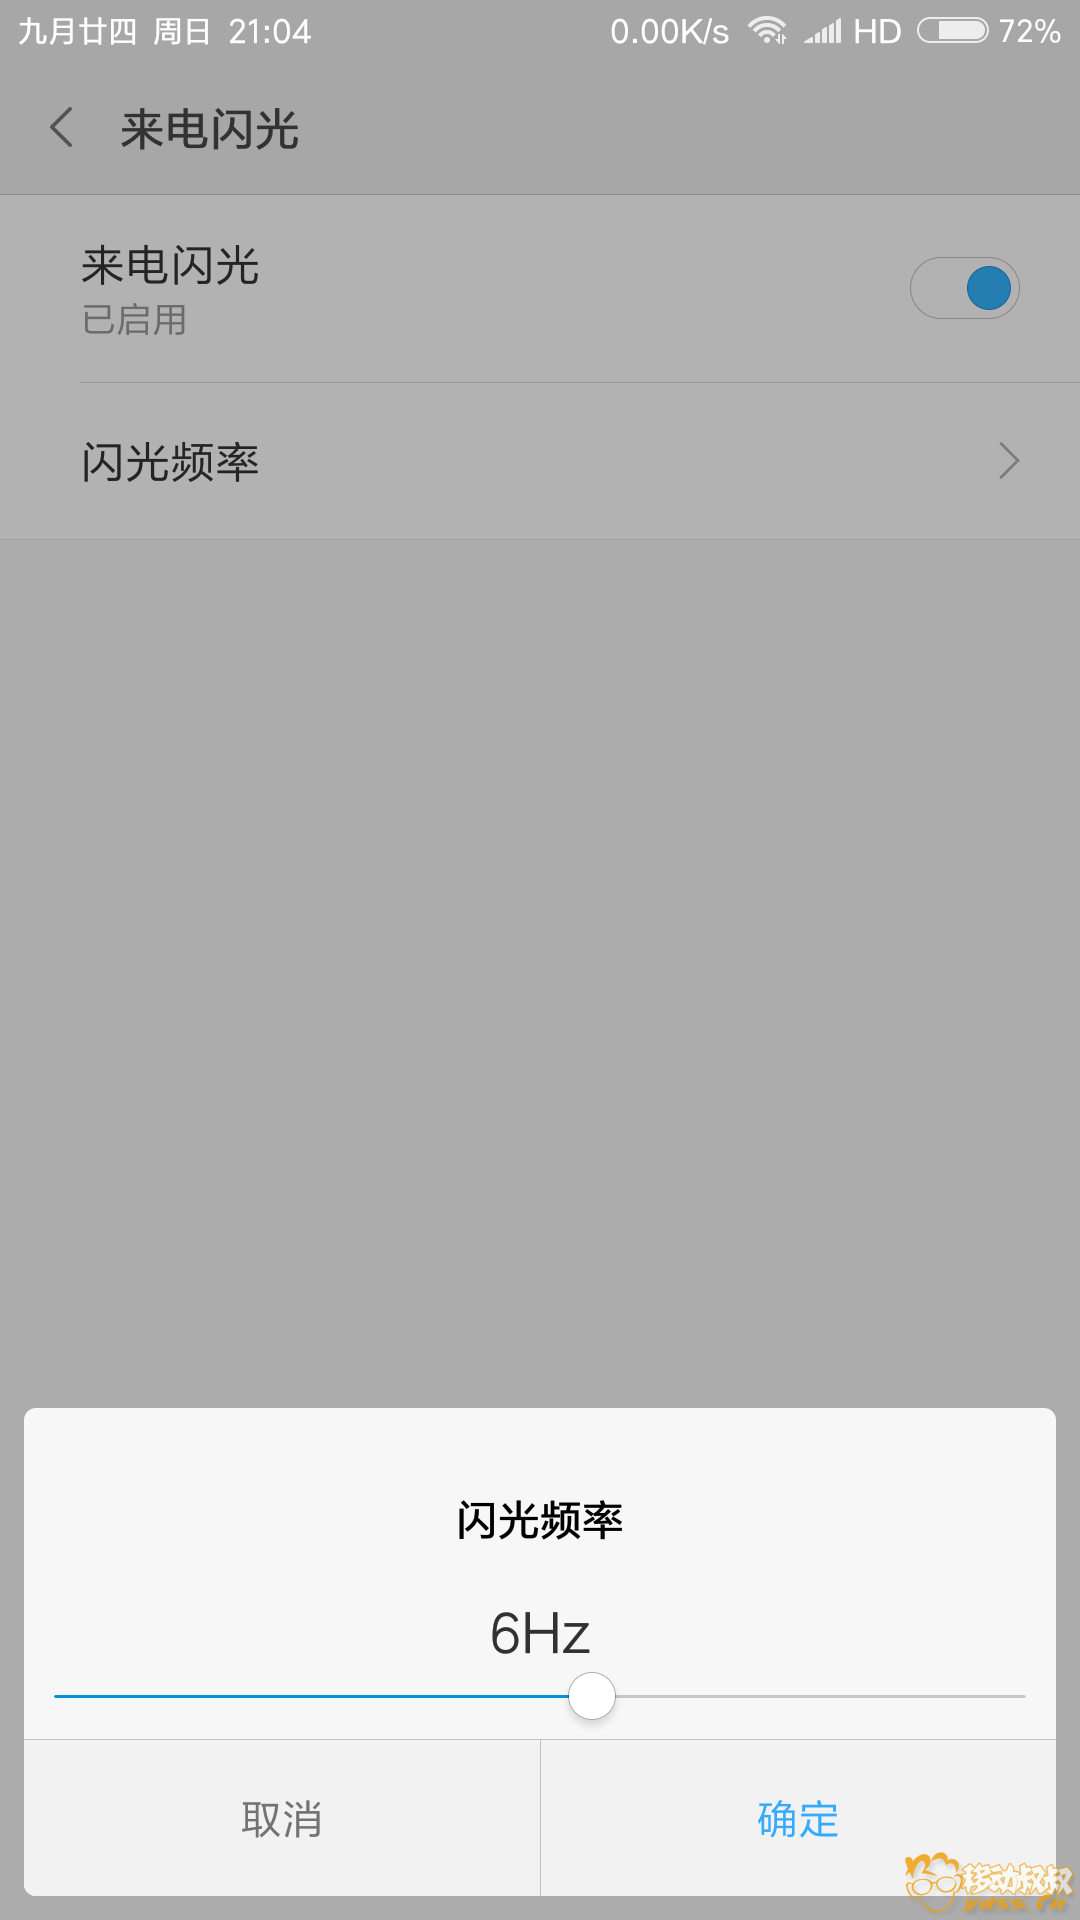 Screenshot_2017-11-12-21-04-13-918_com.kangvip.tools.png